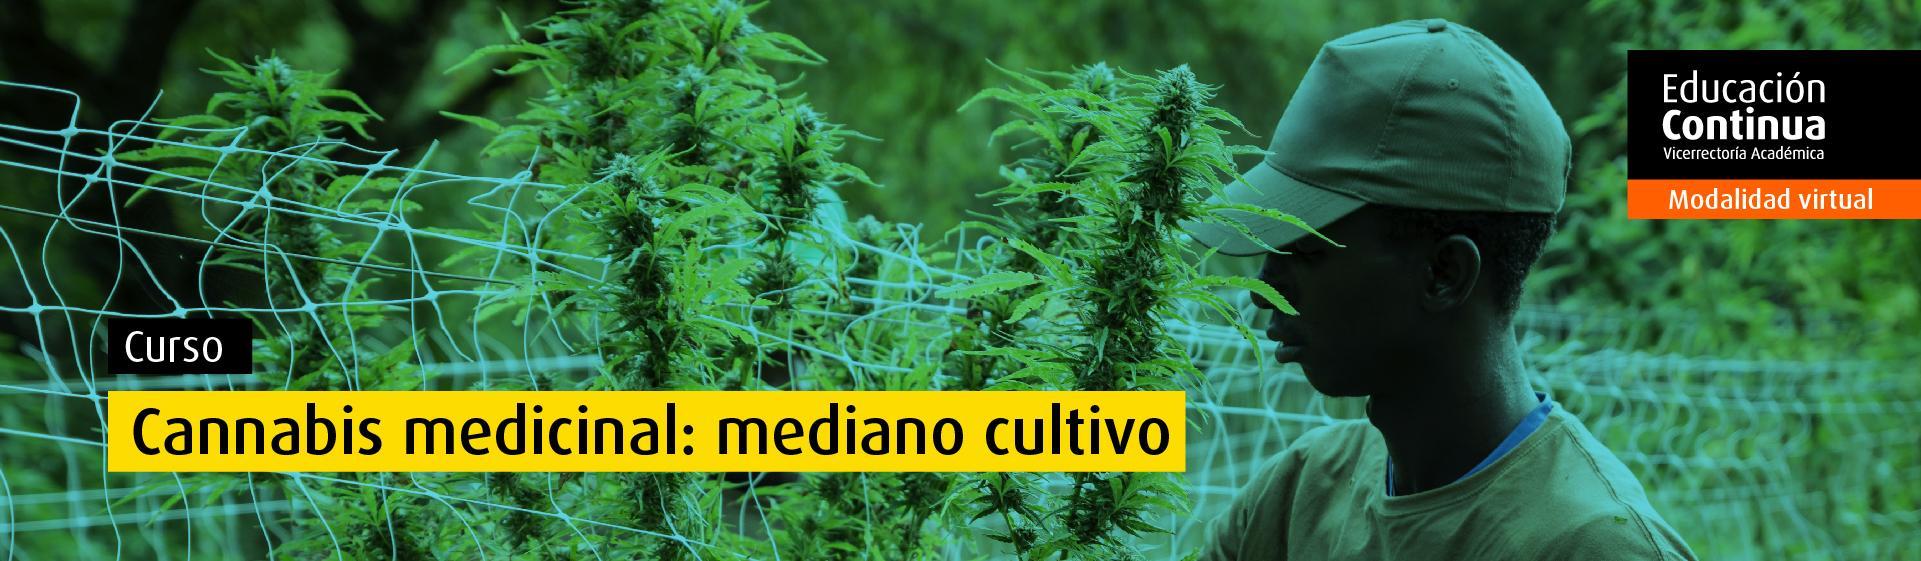 Curso Abierto: Cannabis medicinal: mediano cultivo ingeniería química alimentos uniandes